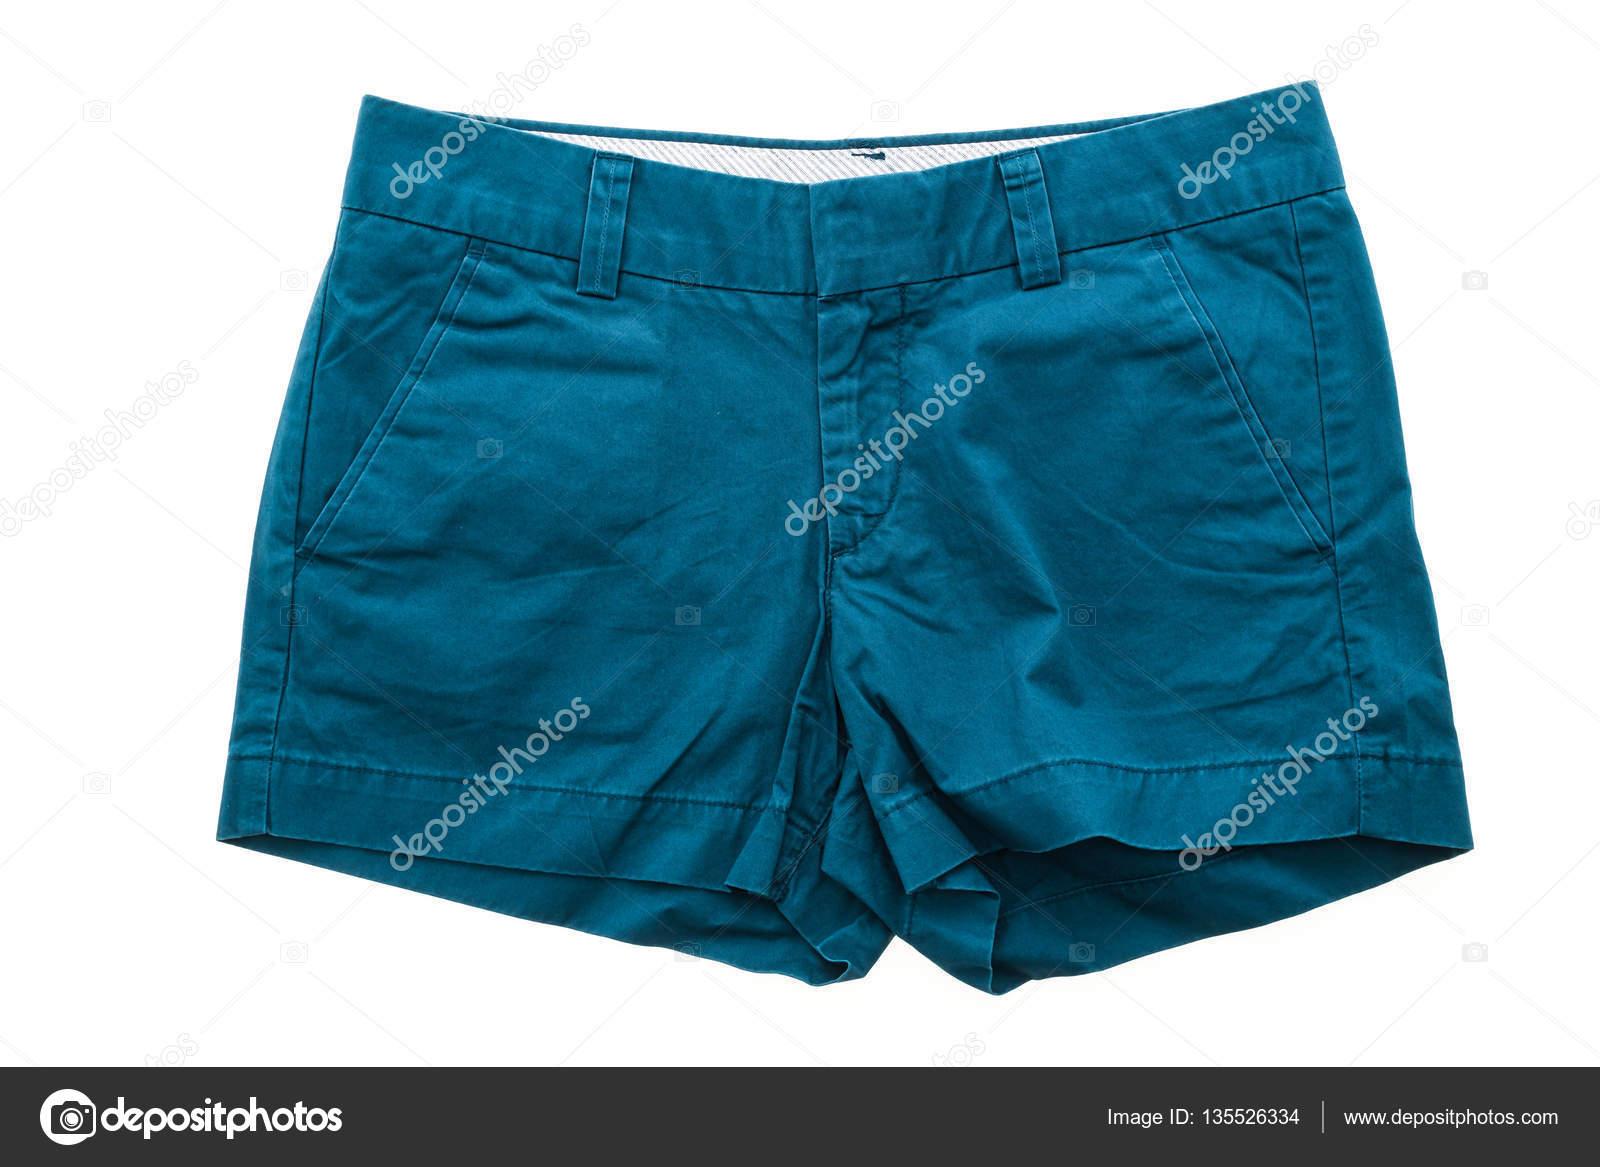 De Para Chor Moda Pantalones Mujeres Las Cortos En Corto Imágenes nx4AUqYwx